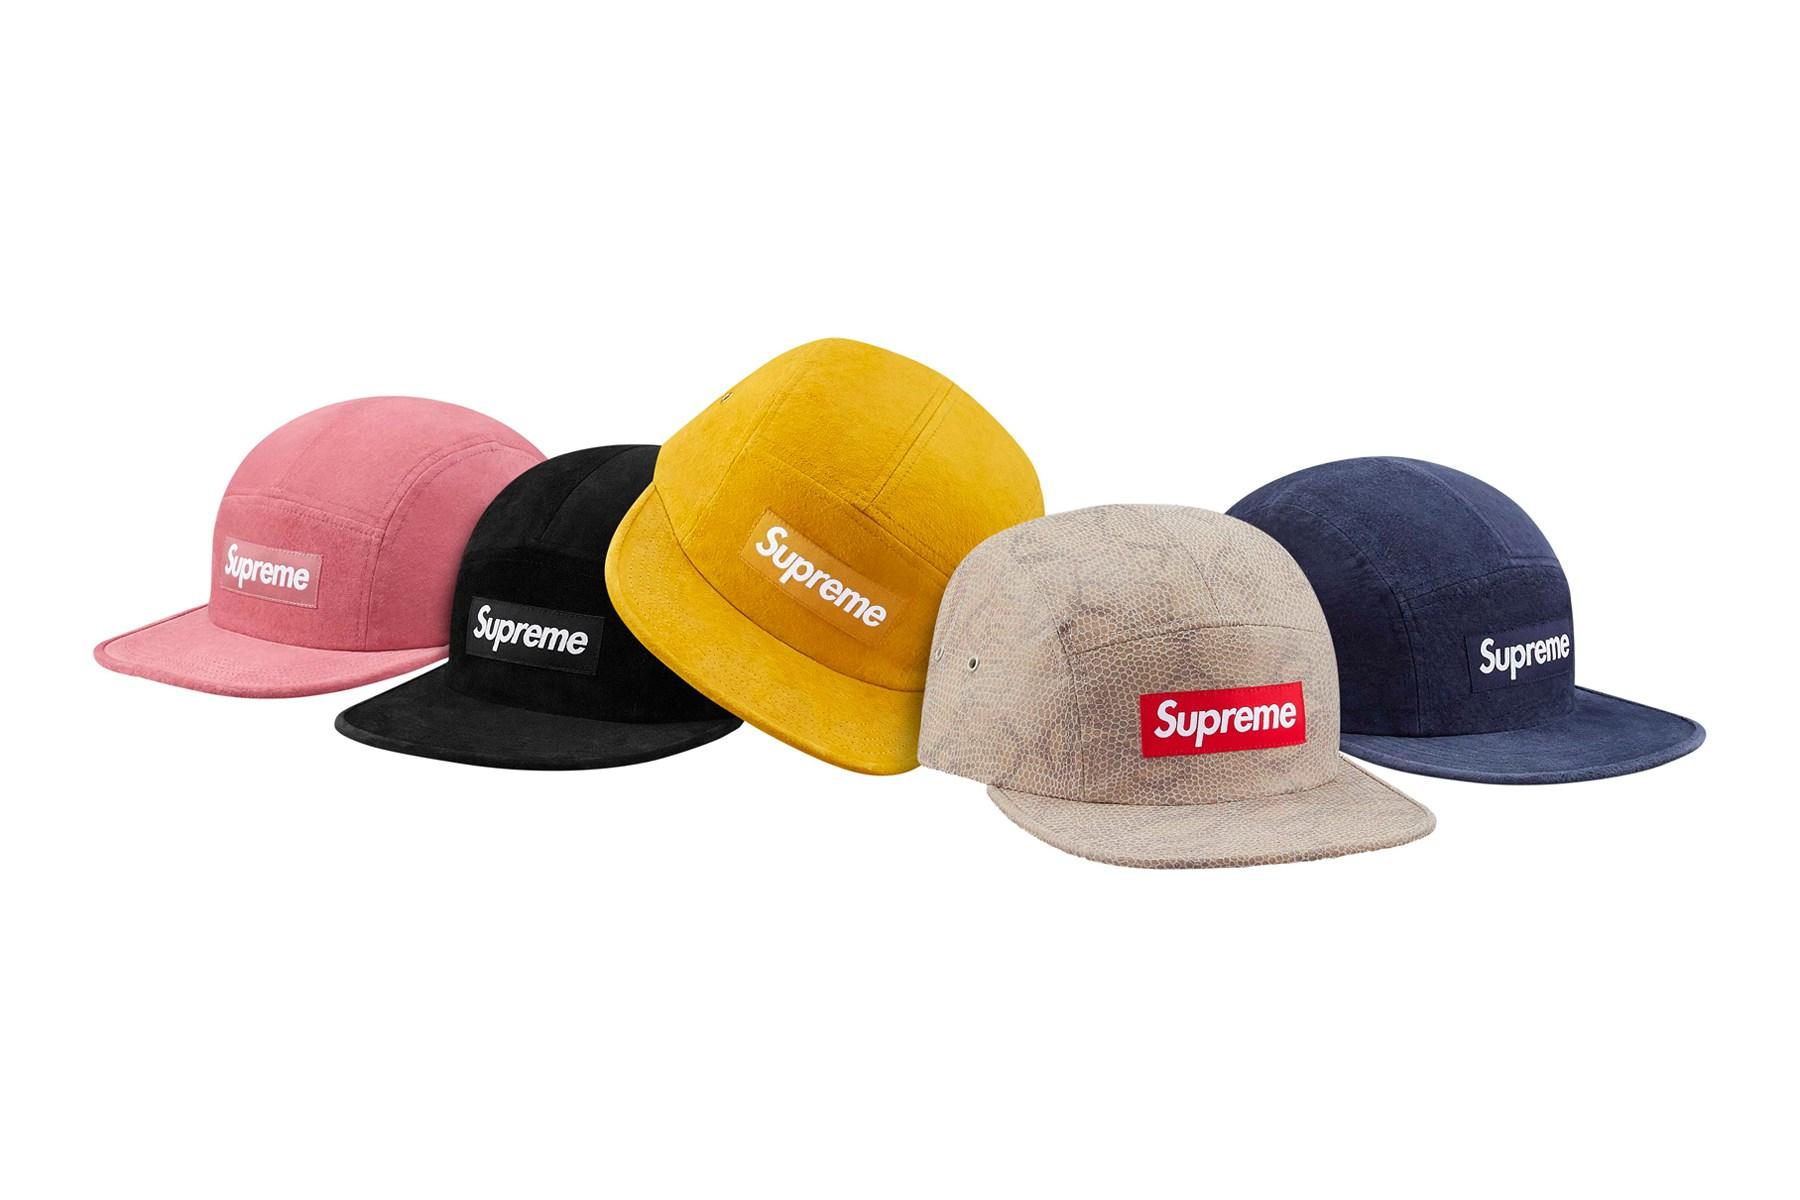 supreme-2016-spring-summer-headwear-12